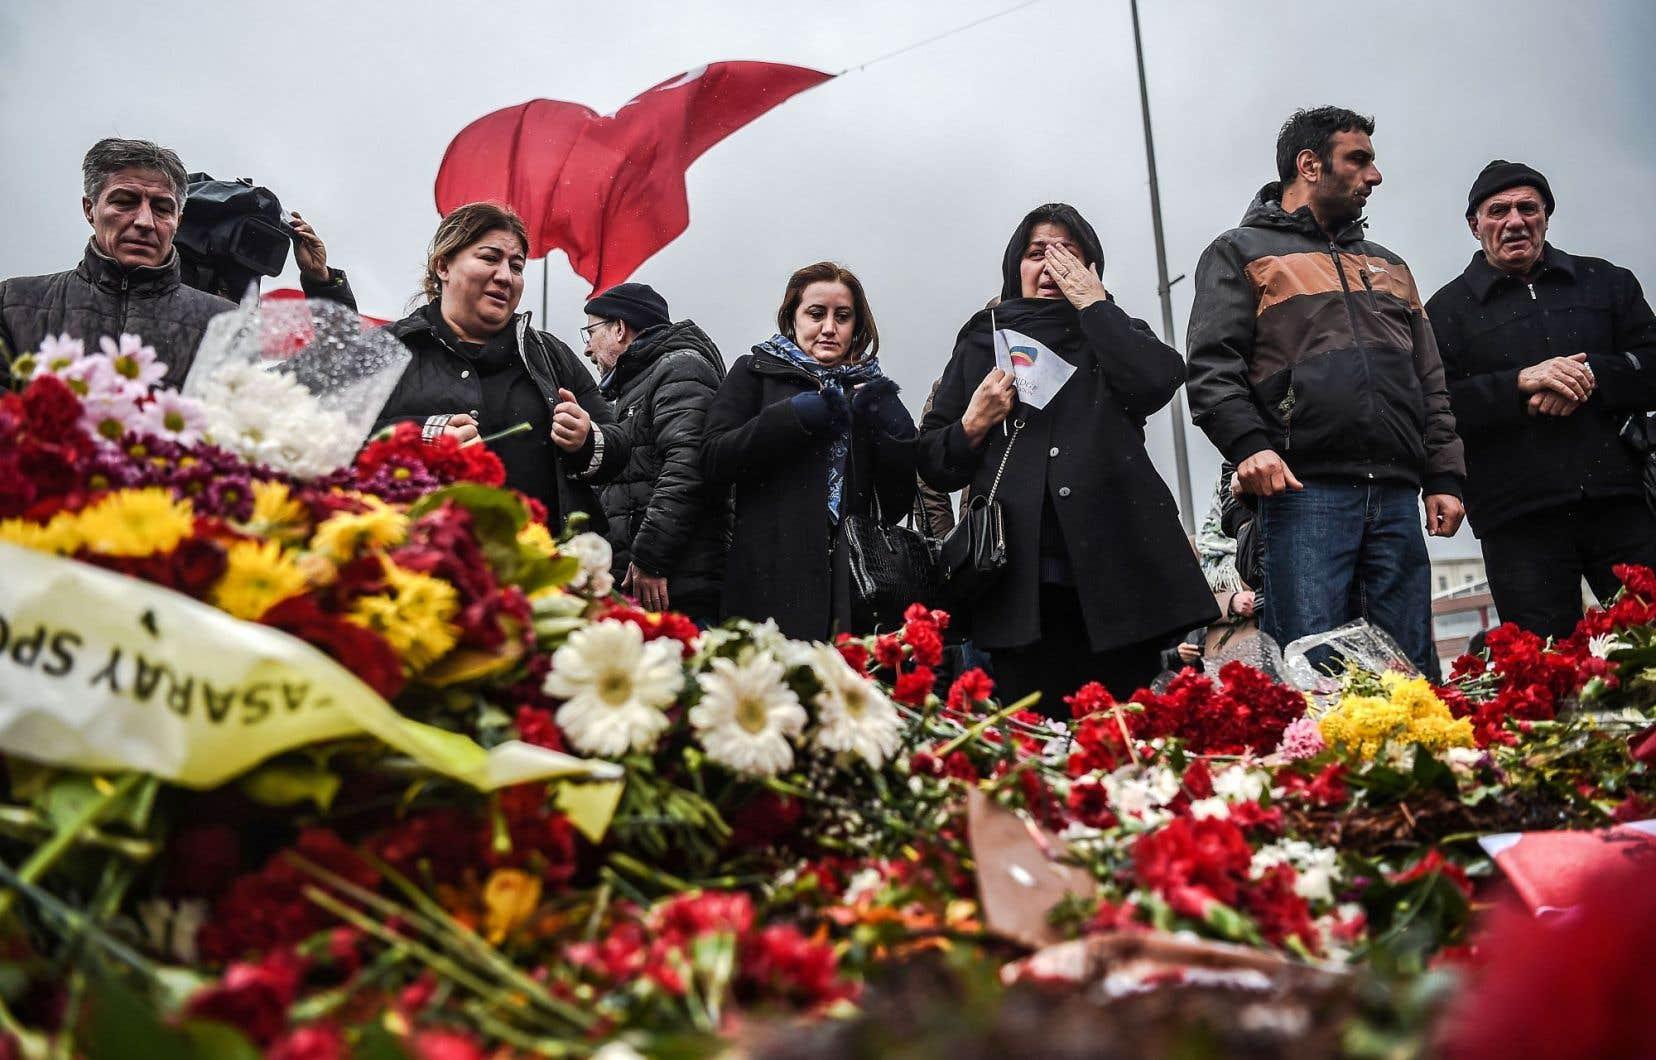 L'attentat de samedi dernier à Istanbul a suscité l'appui de la communauté internationale. Ci-dessus, des Istanbuliotes pleurent les 38 morts.